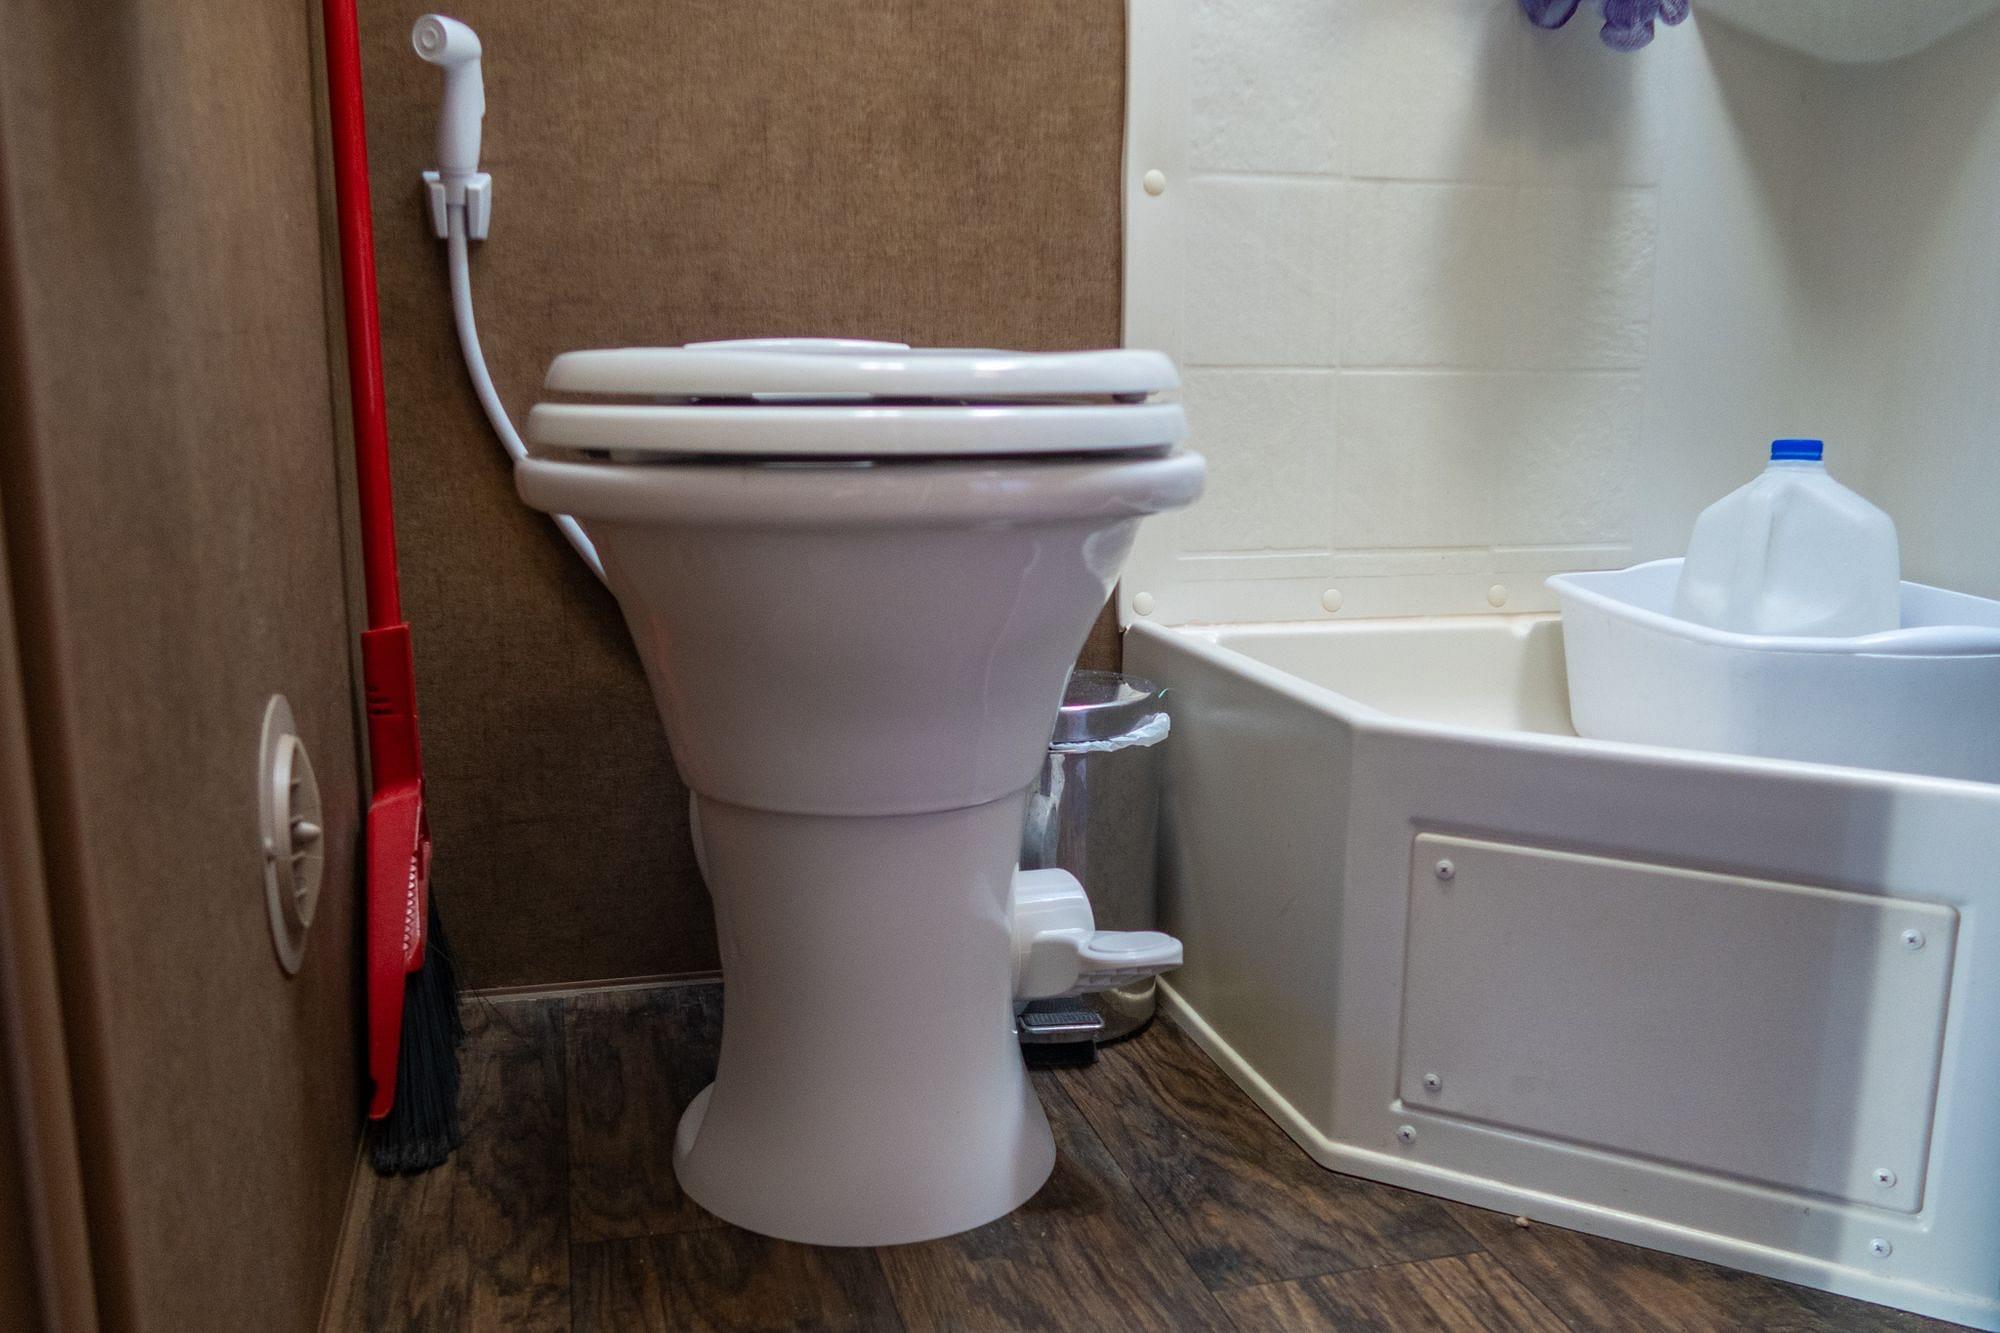 Dometic 310 Toilet